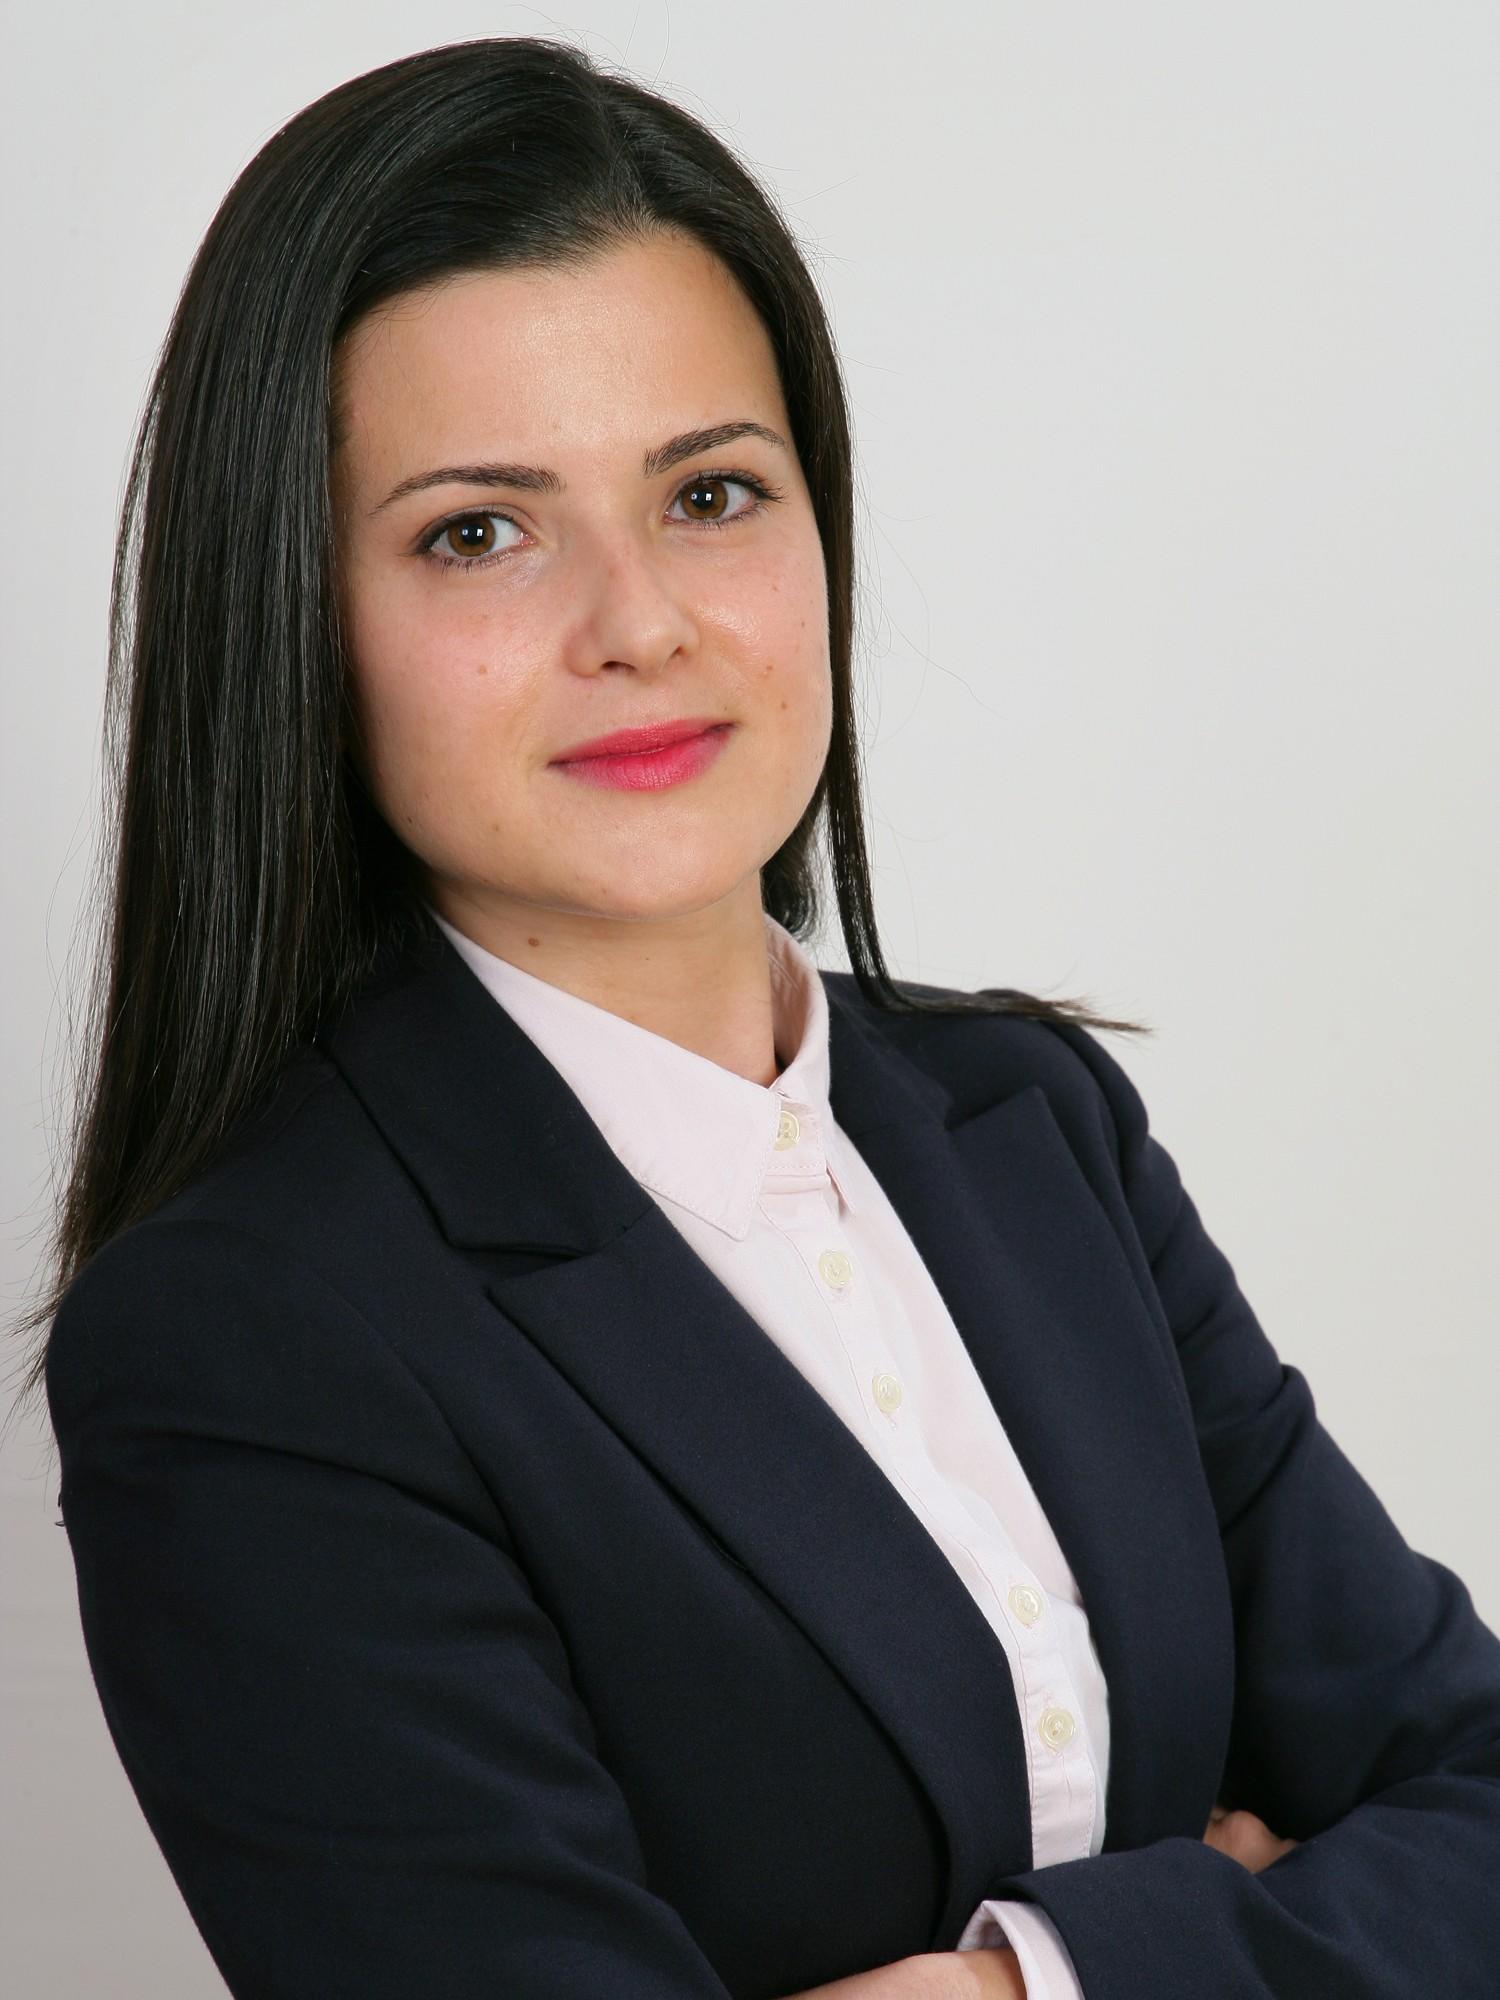 Laura Herraiz Tortajada